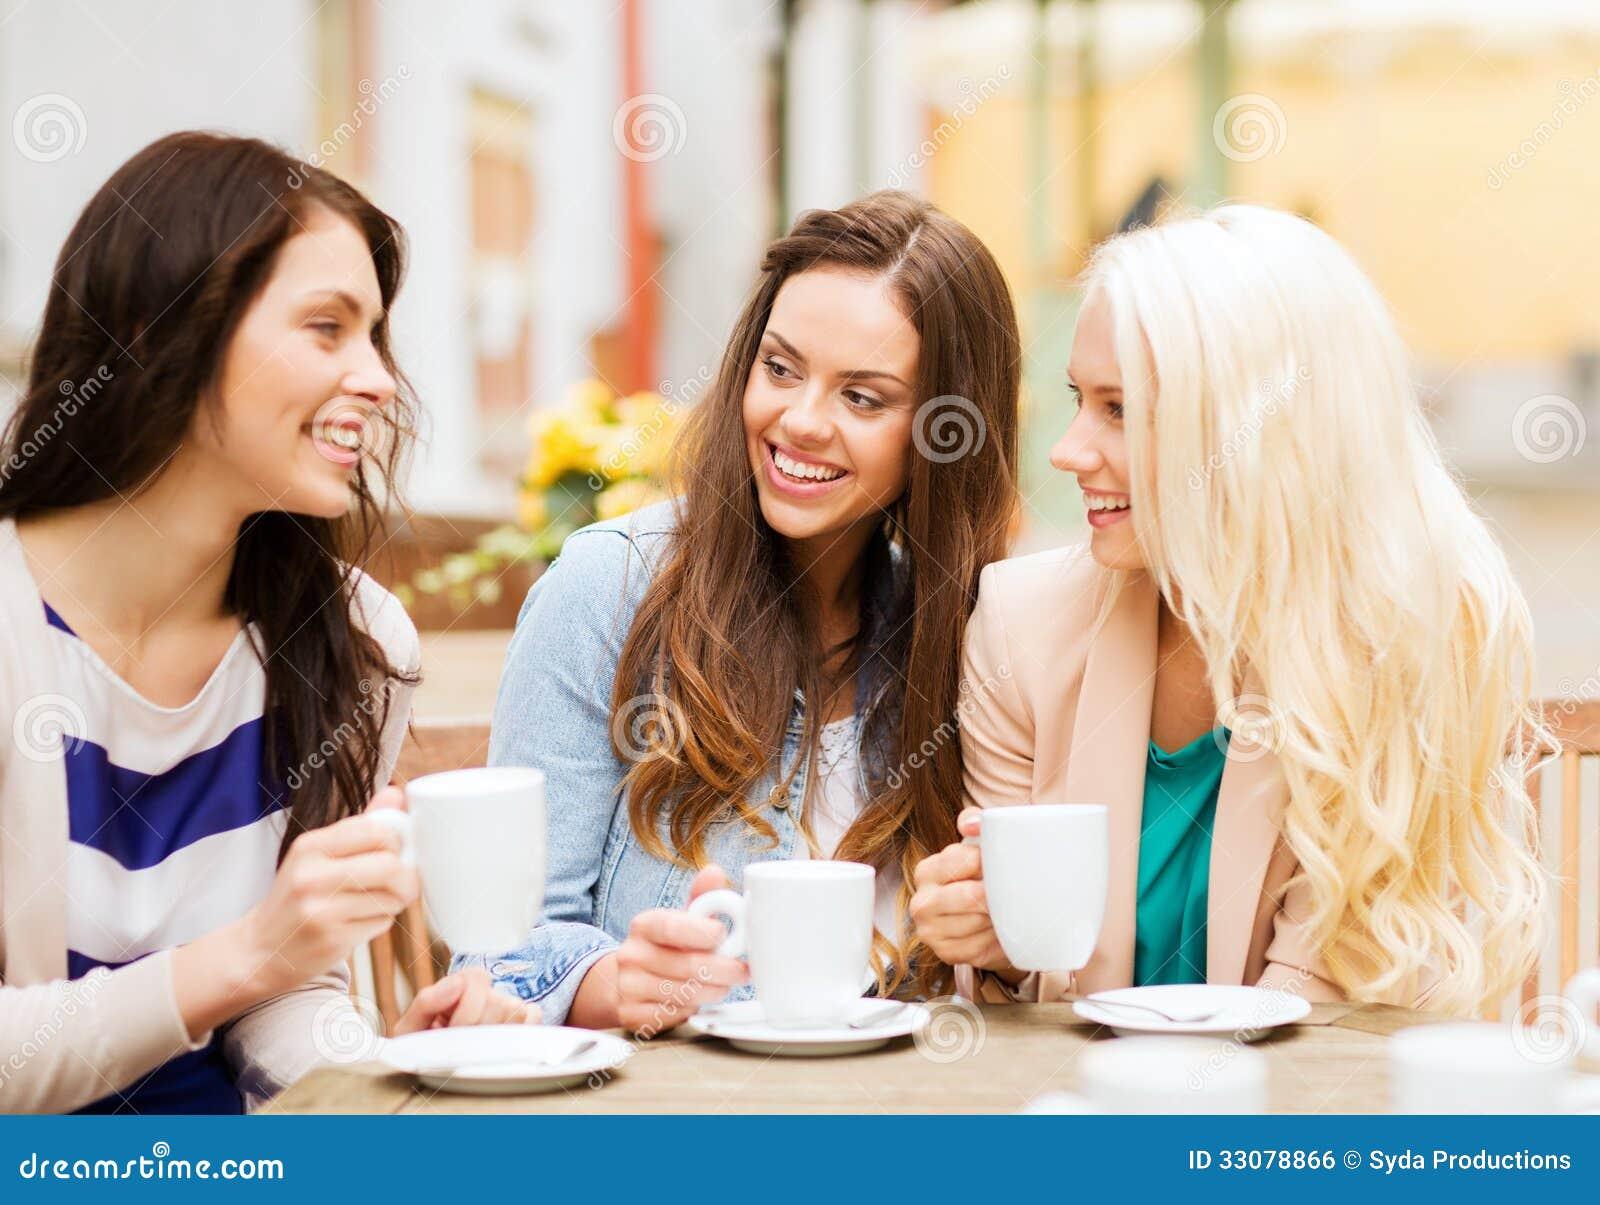 Фото две девушки сидят за столом